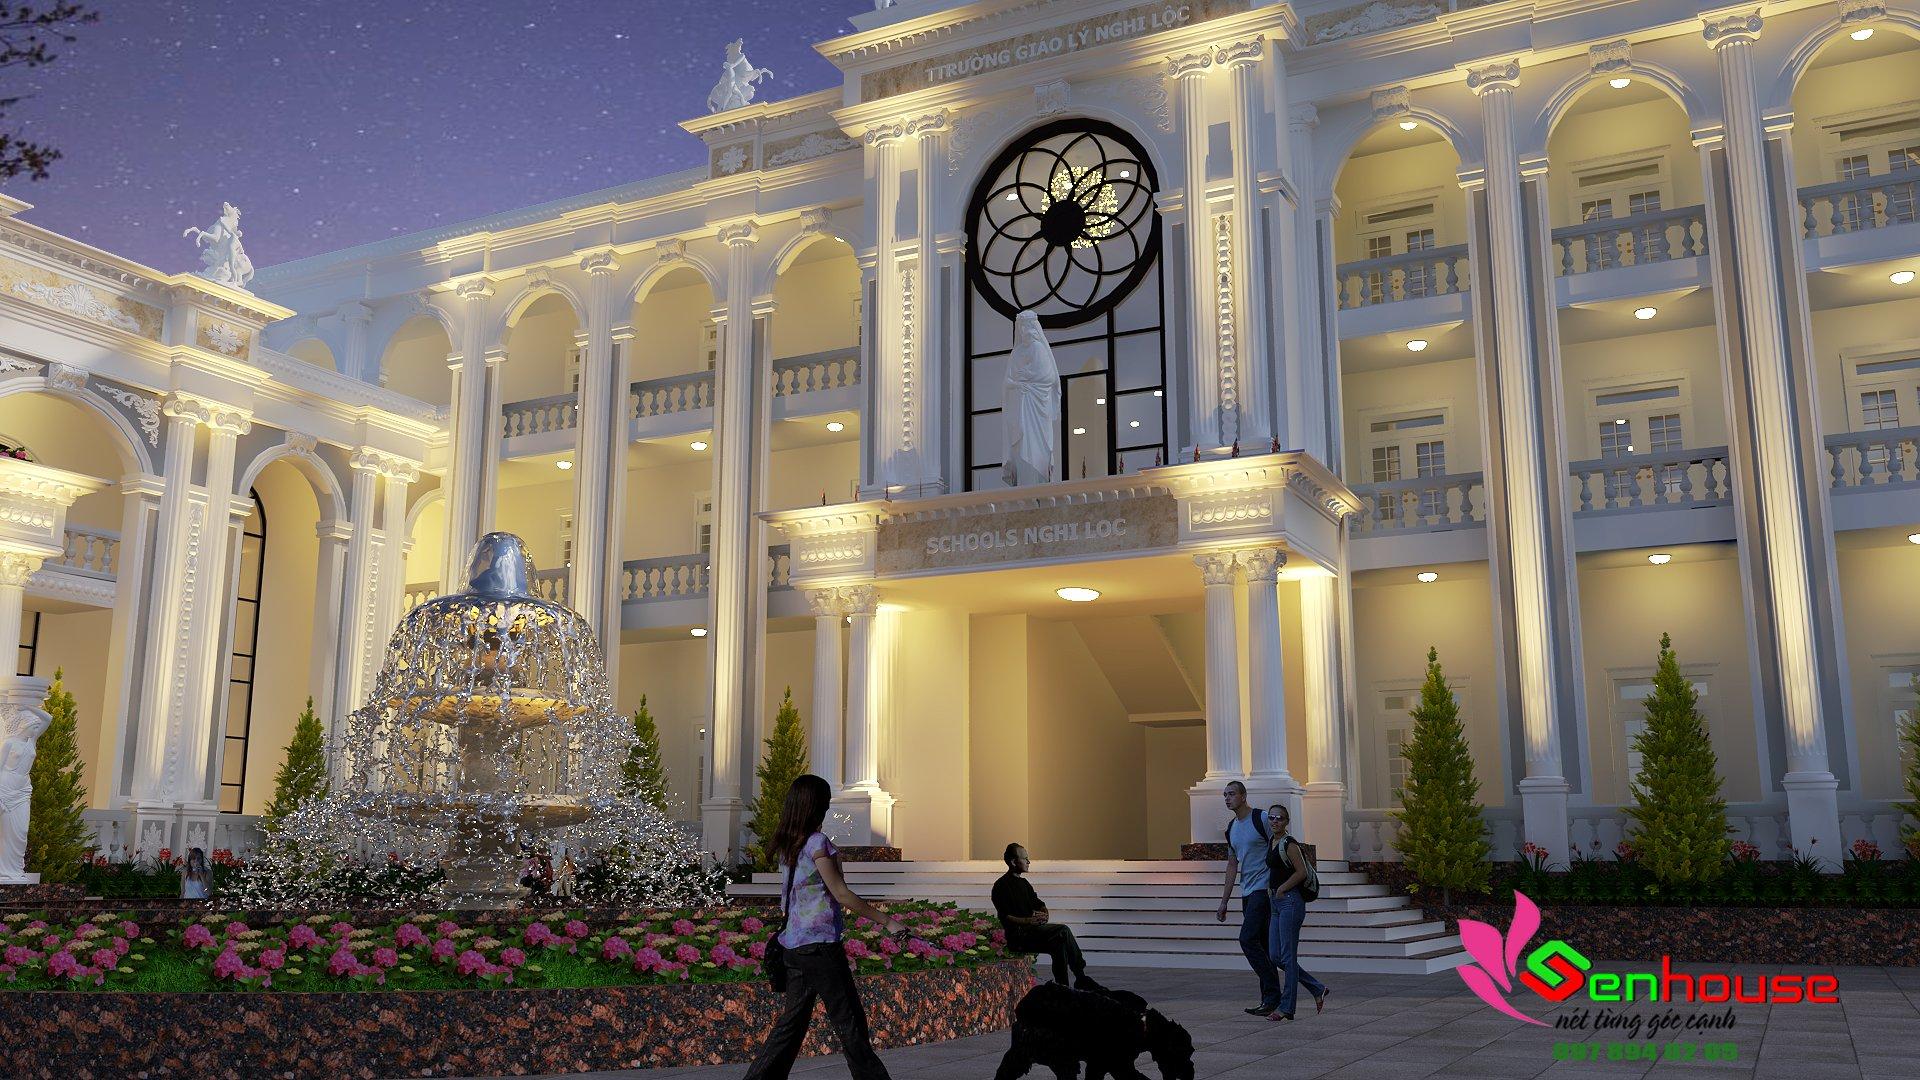 Thiết kế trường học kết hợp trung tâm hội nghị giáo xứ Nghi Lộc tại Diễn Hạnh